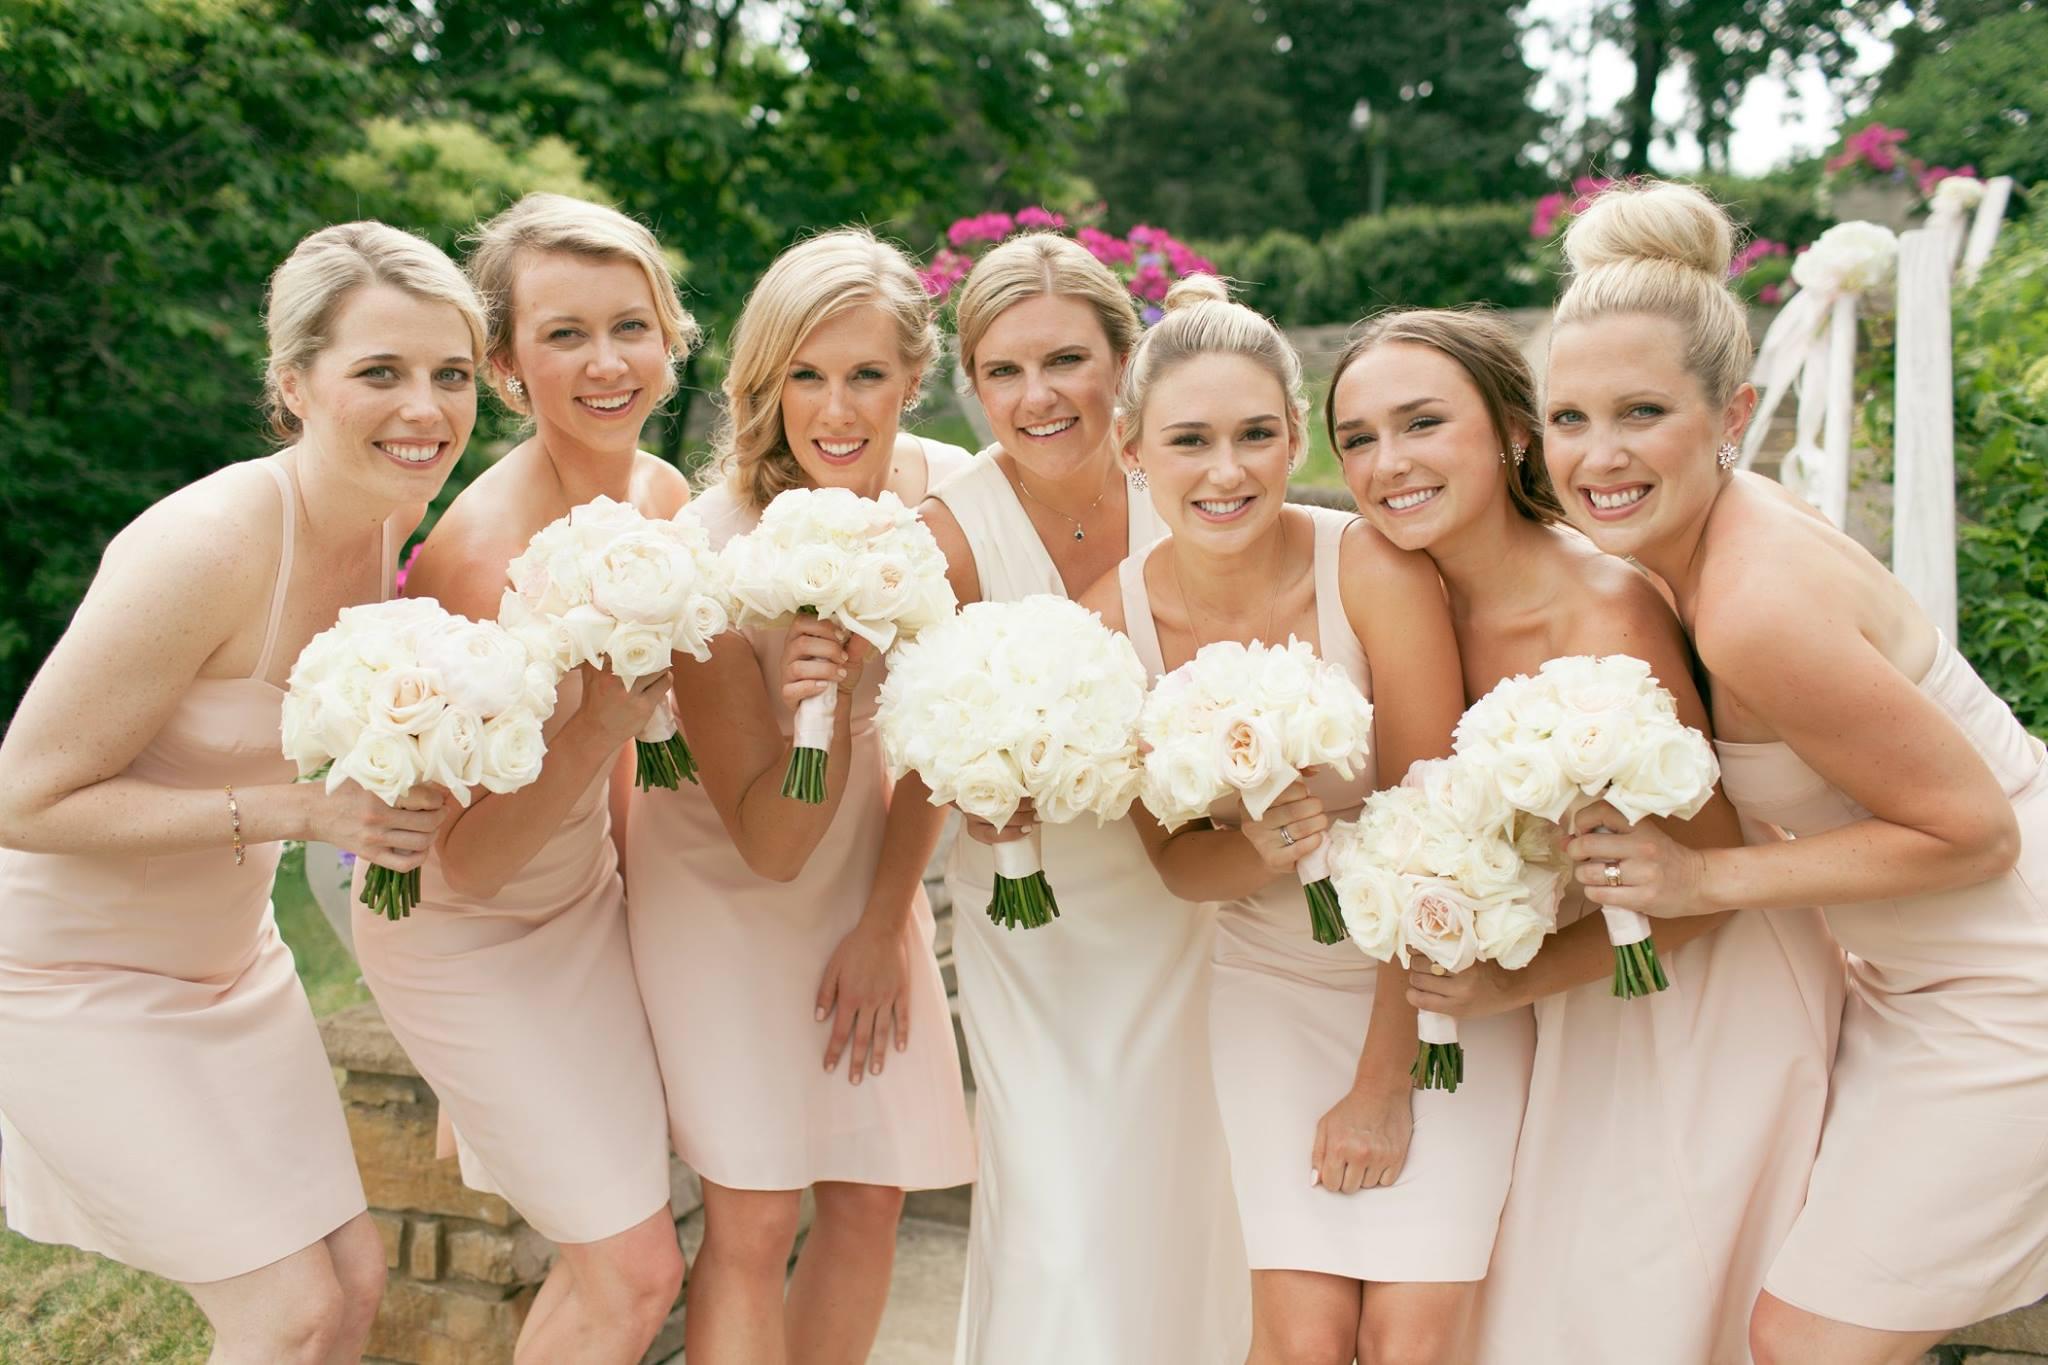 woodhill-country-club-wedding-28.jpg